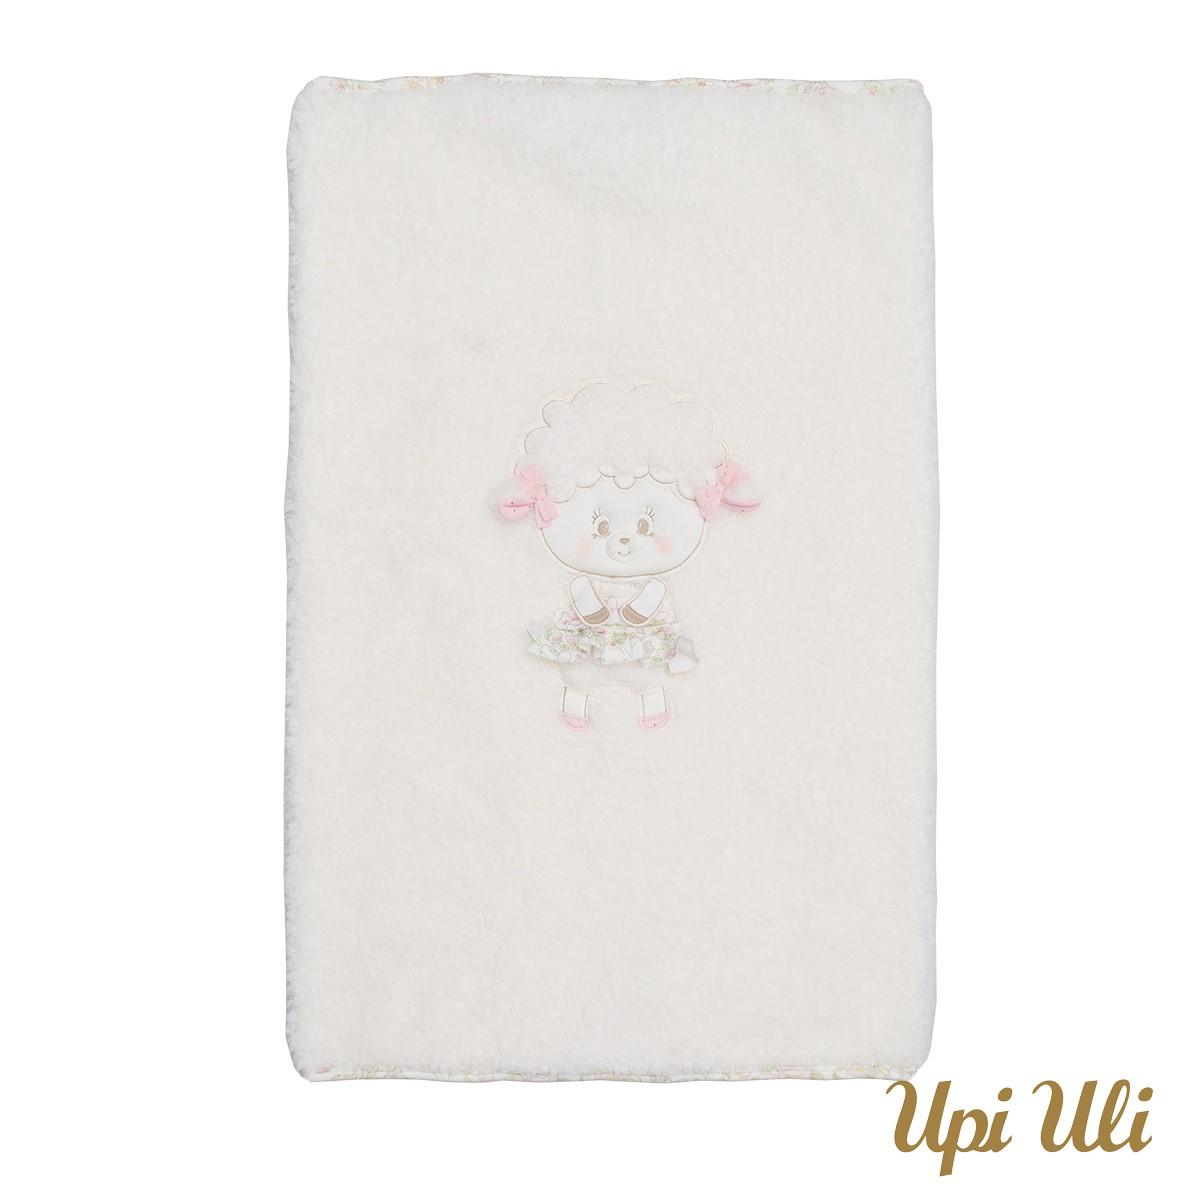 Cobertor de bebê Pele Pecorino/Meia Malha Belinha  O/I